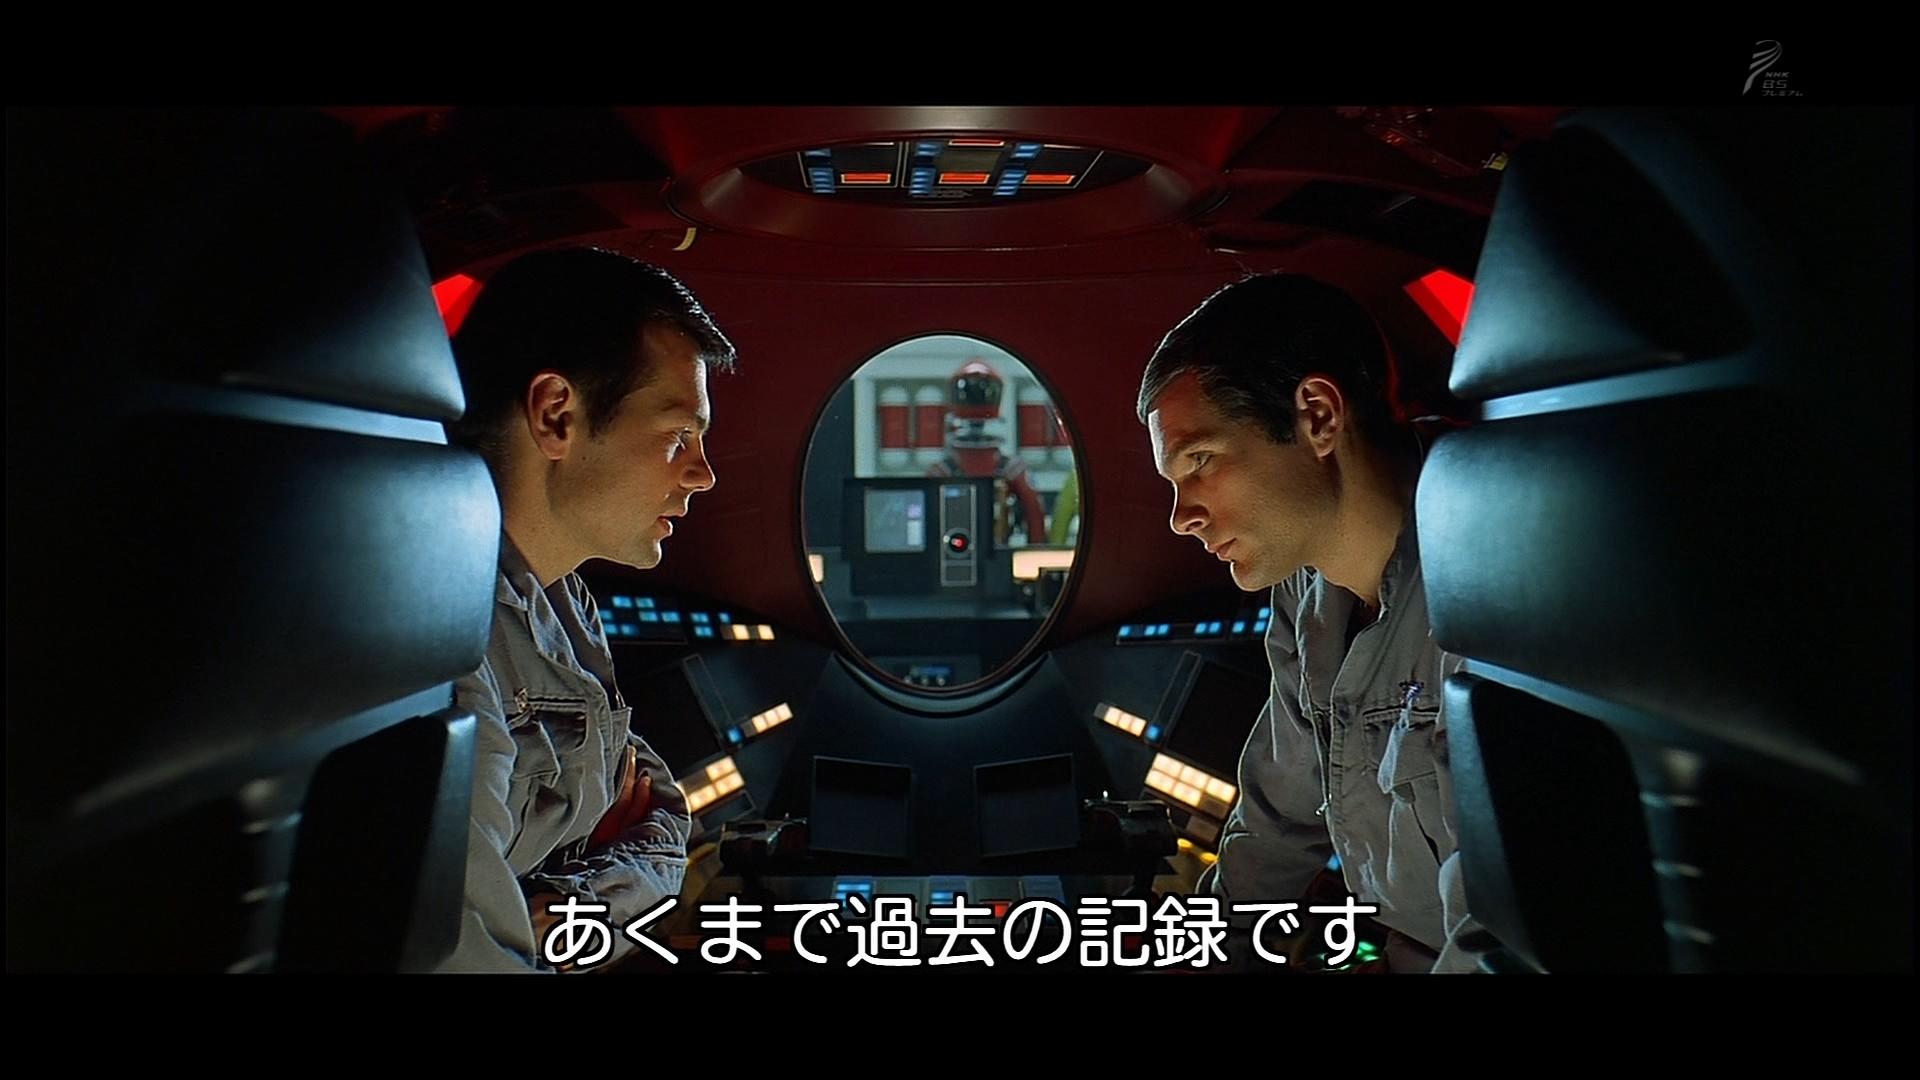 『2001年宇宙の旅』BSプレミアム版「あくまで過去の記録です」